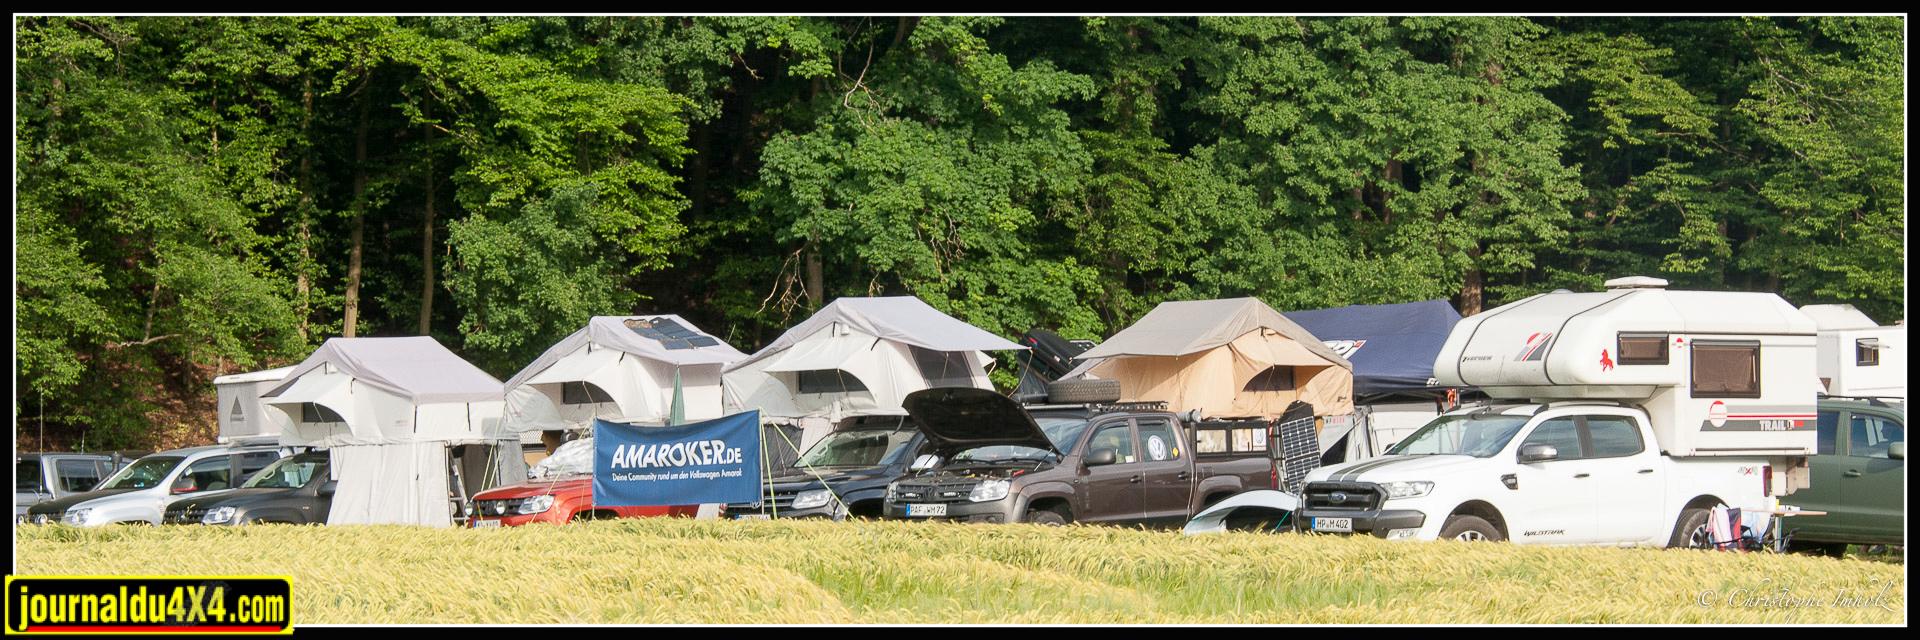 Le club Amarok a regroupé de nombreux véhicules